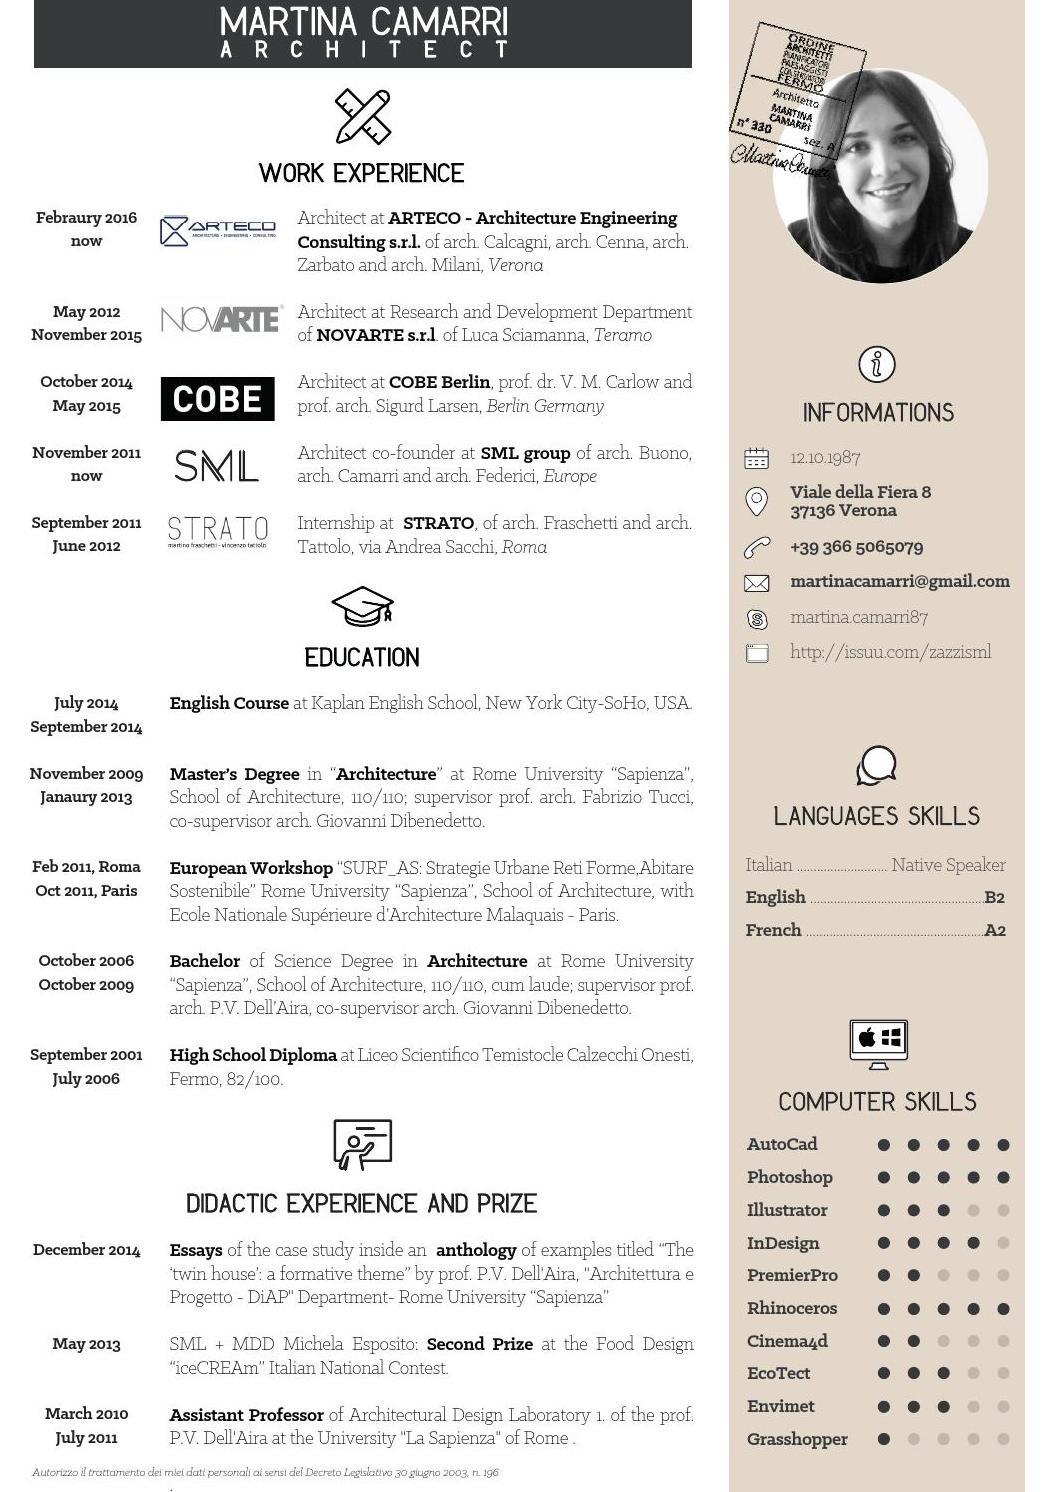 contoh cv  portofolio untuk arsitek junior dan desain